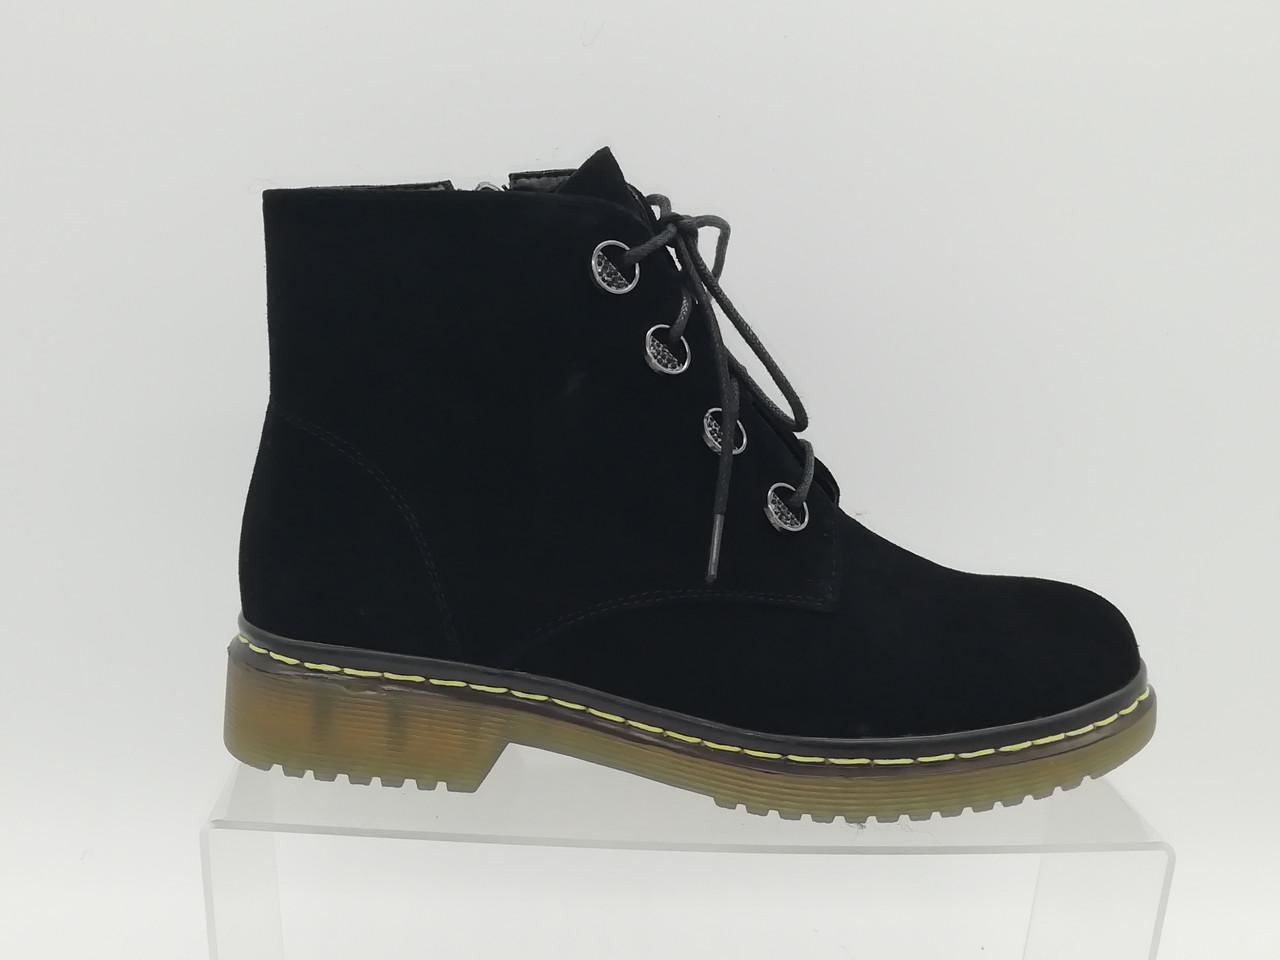 Черные  ботиночки  ERISSES. Маленькие размеры (33 - 35).